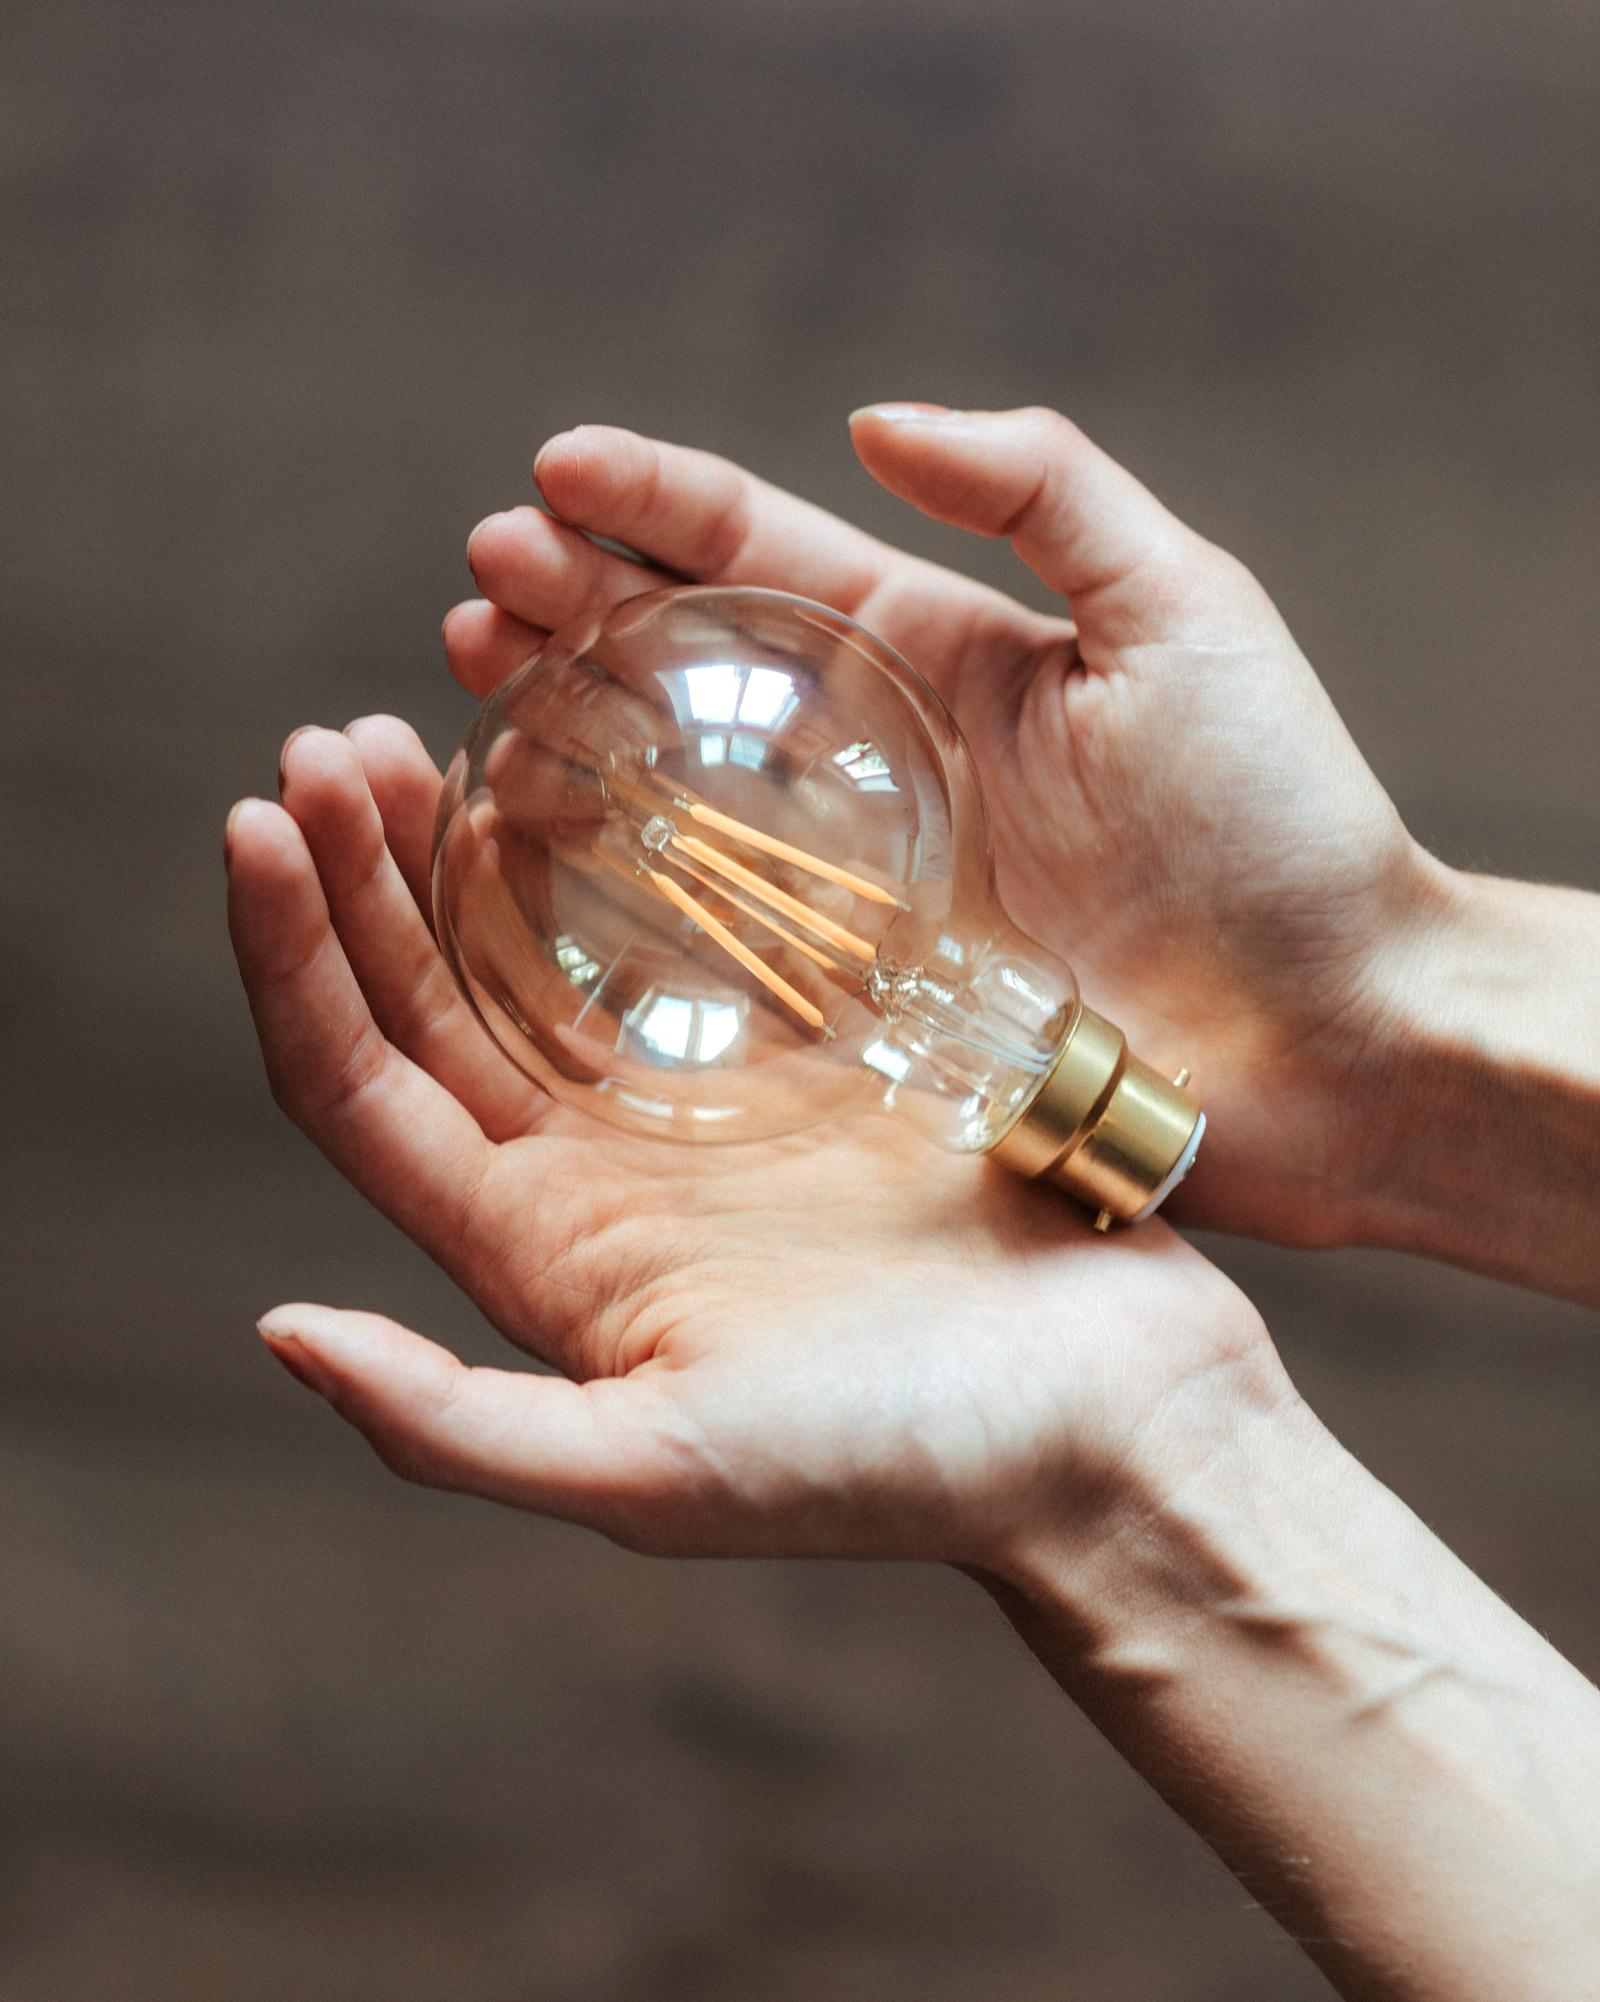 Eine Glühbirne liegt behütet in zwei aufgehaltenen Händen